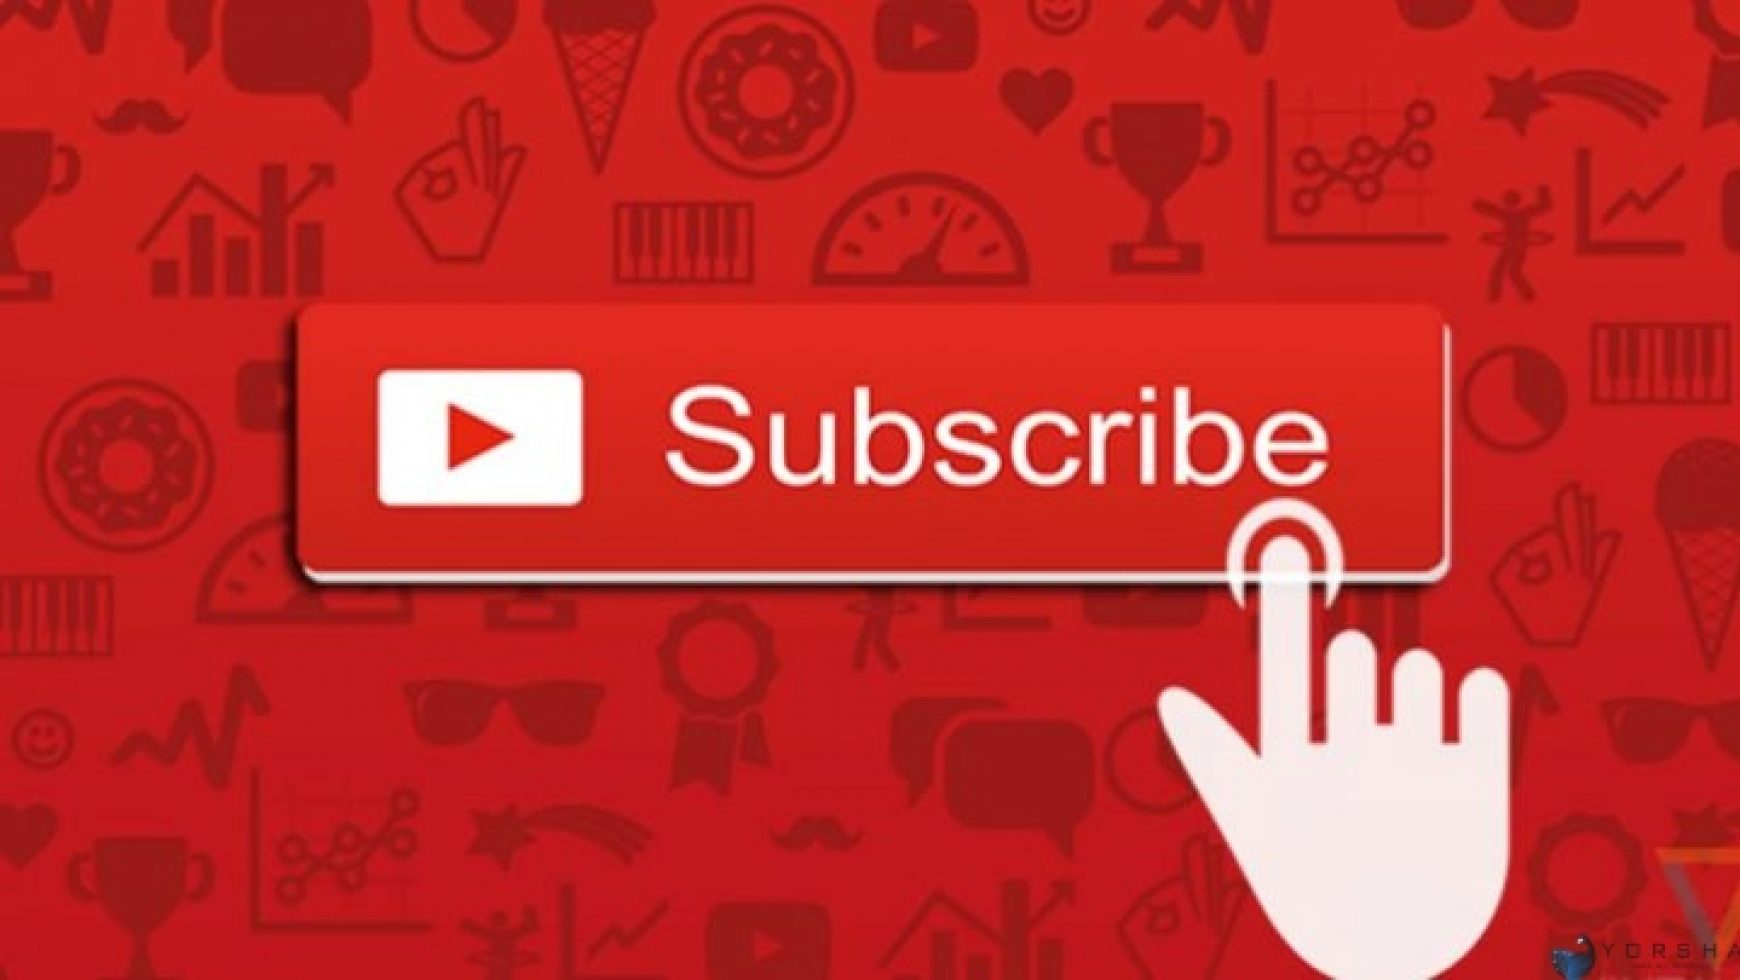 5 Cara Menambah Subscriber Youtube Dengan Cepat Secara Alami